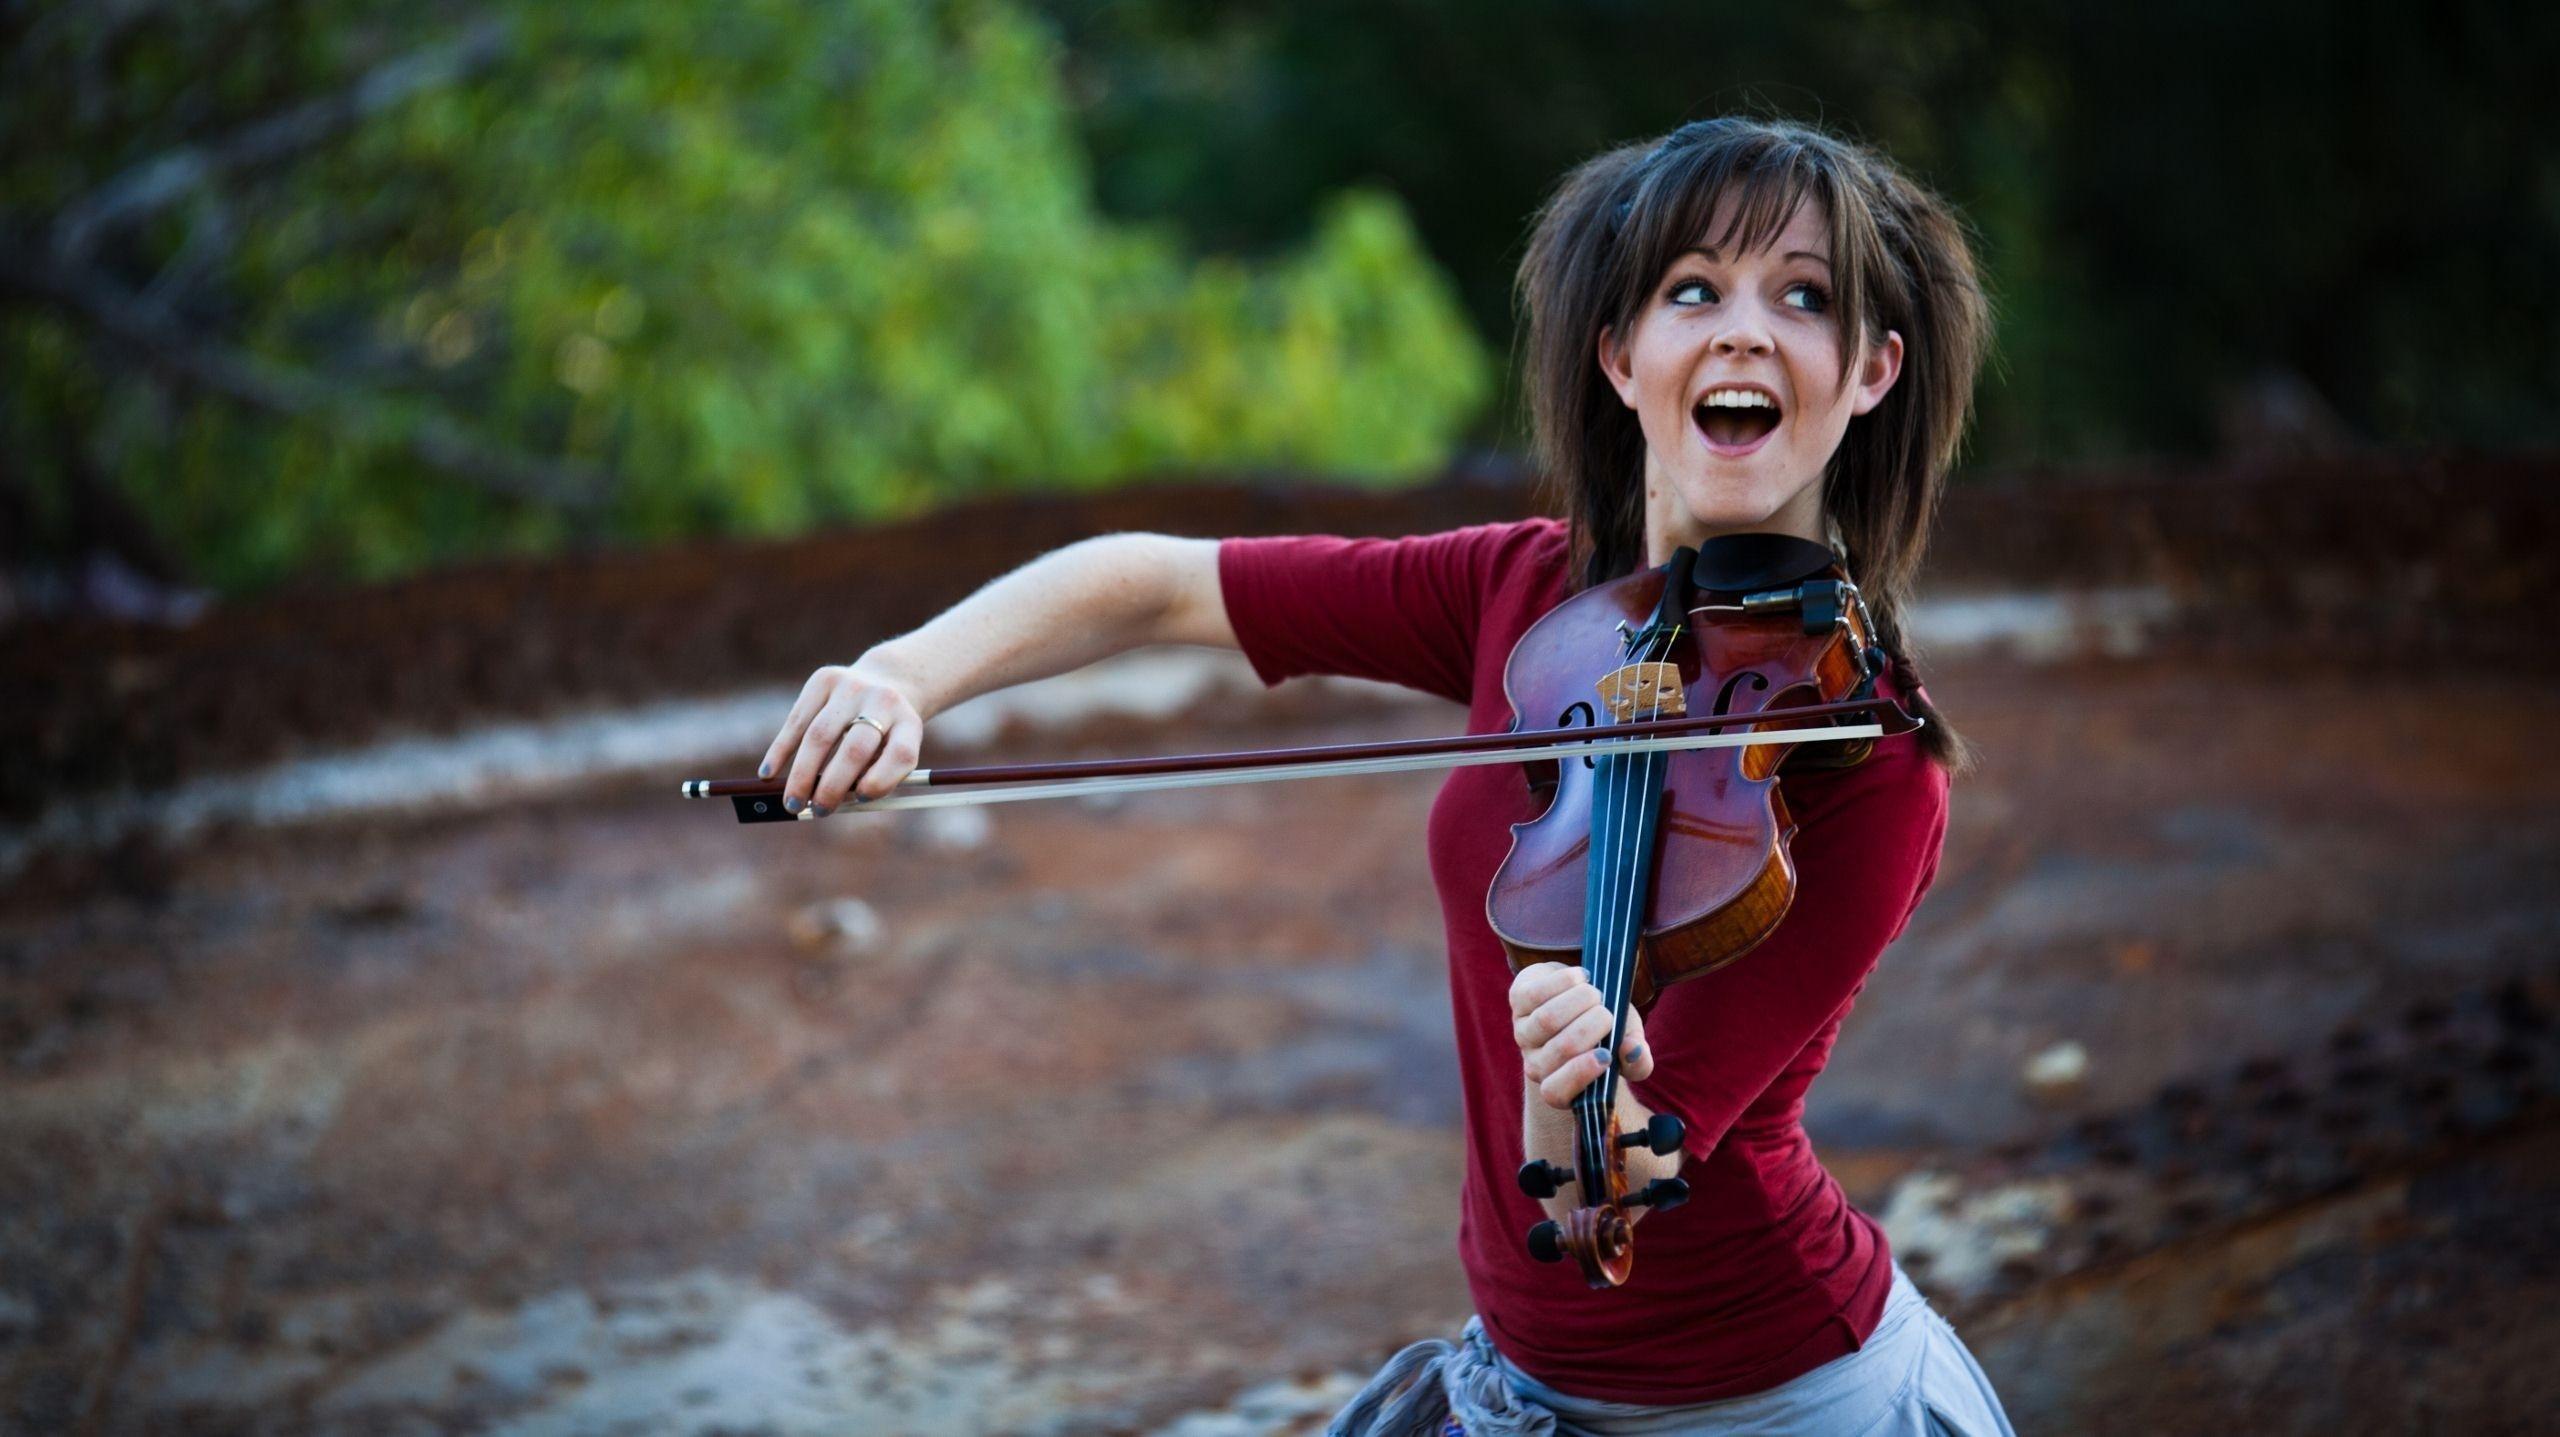 Секси девушка со скрипкой